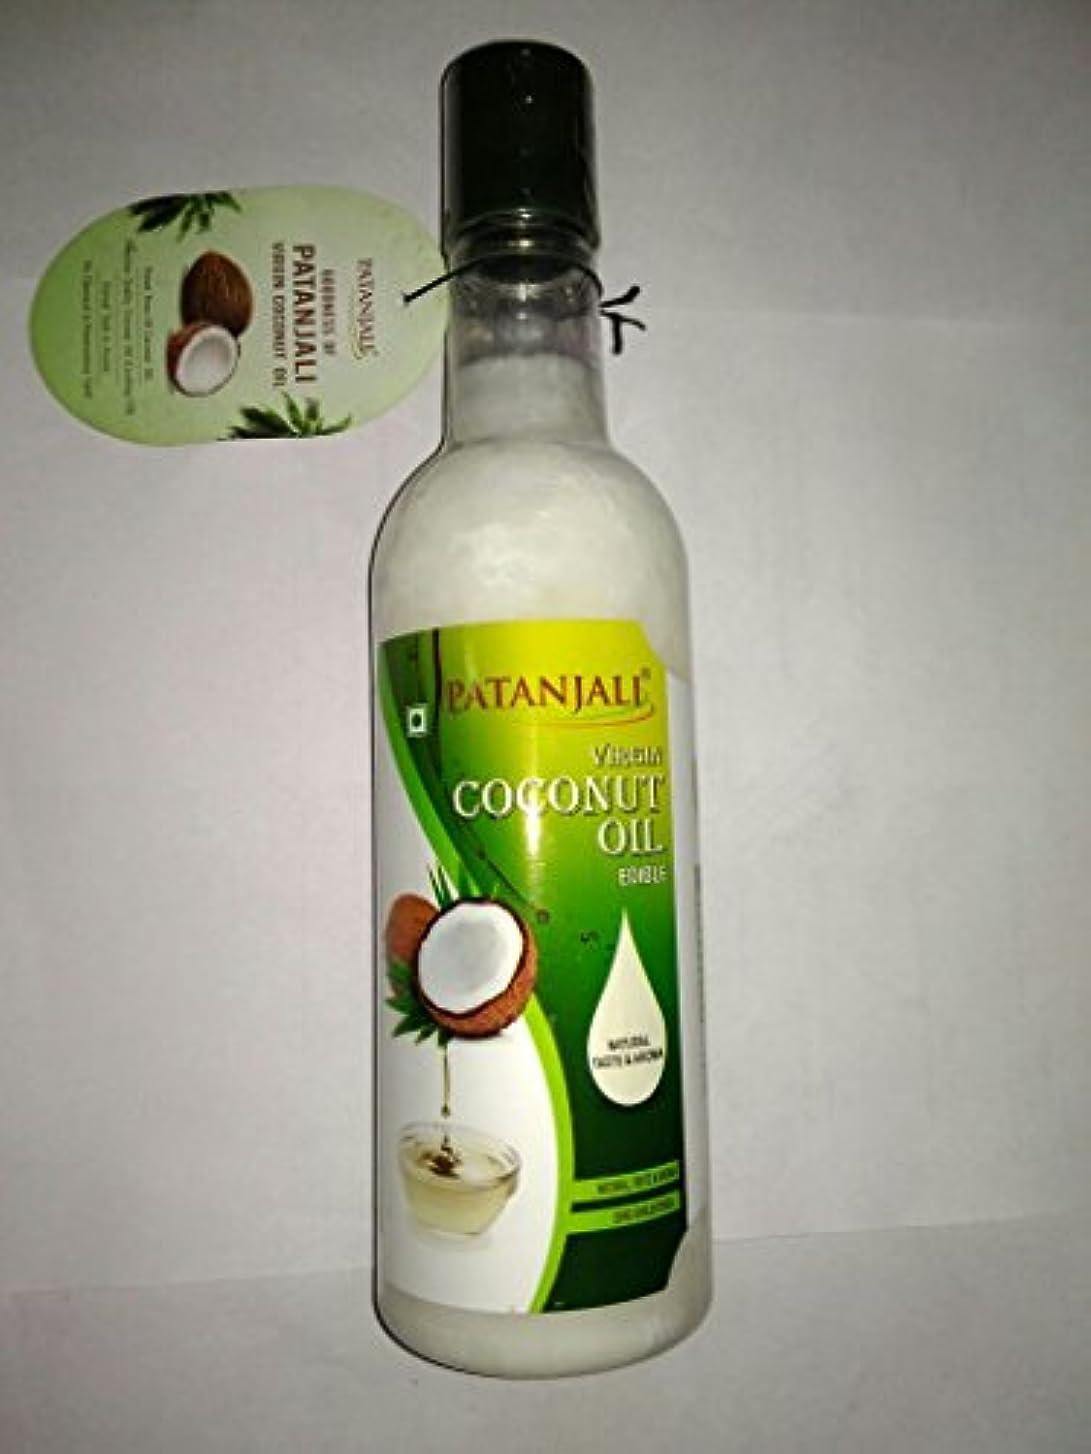 一生コジオスコ陰気Patanjali Virgin Coconut Oil, 500ml